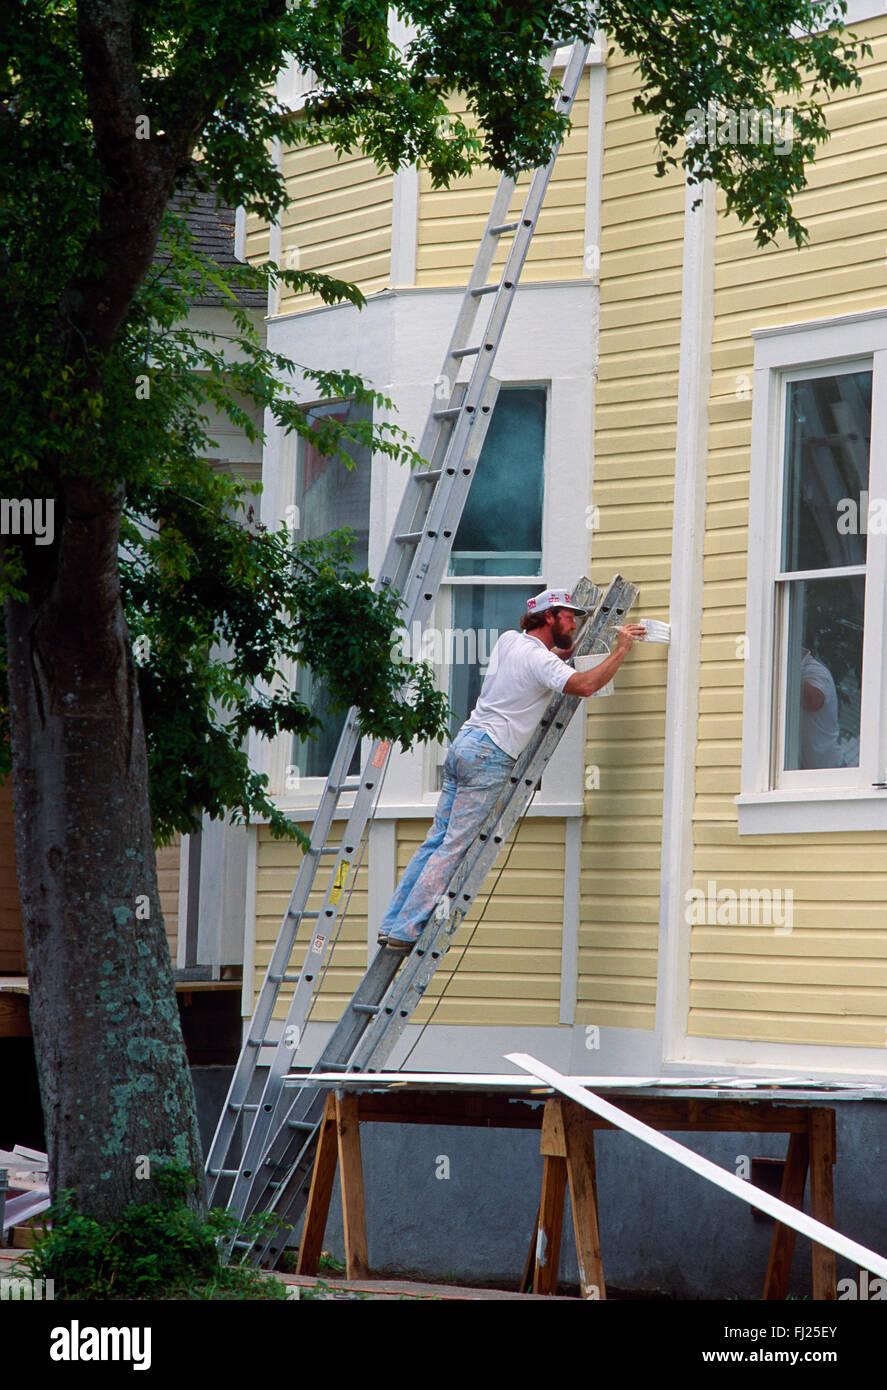 Professionelle Maler auf Leiter Gemälde historischen Haus, Charleston, South Carolina, USA Stockbild